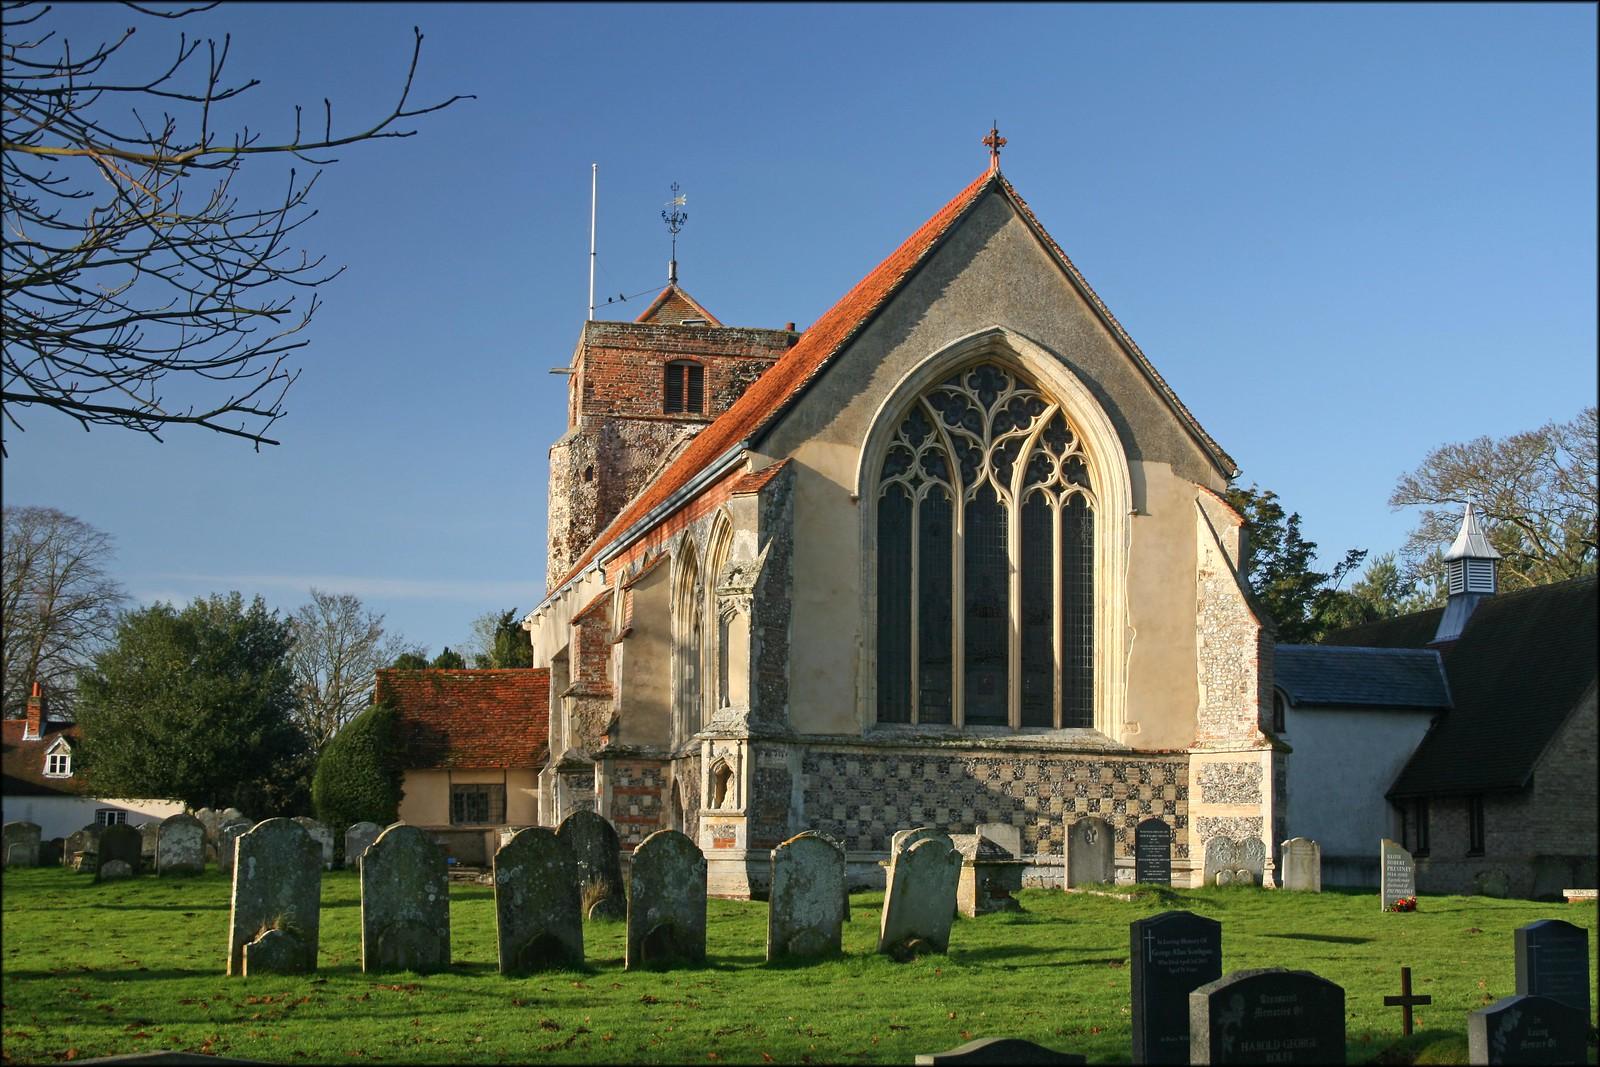 Church near Lawford